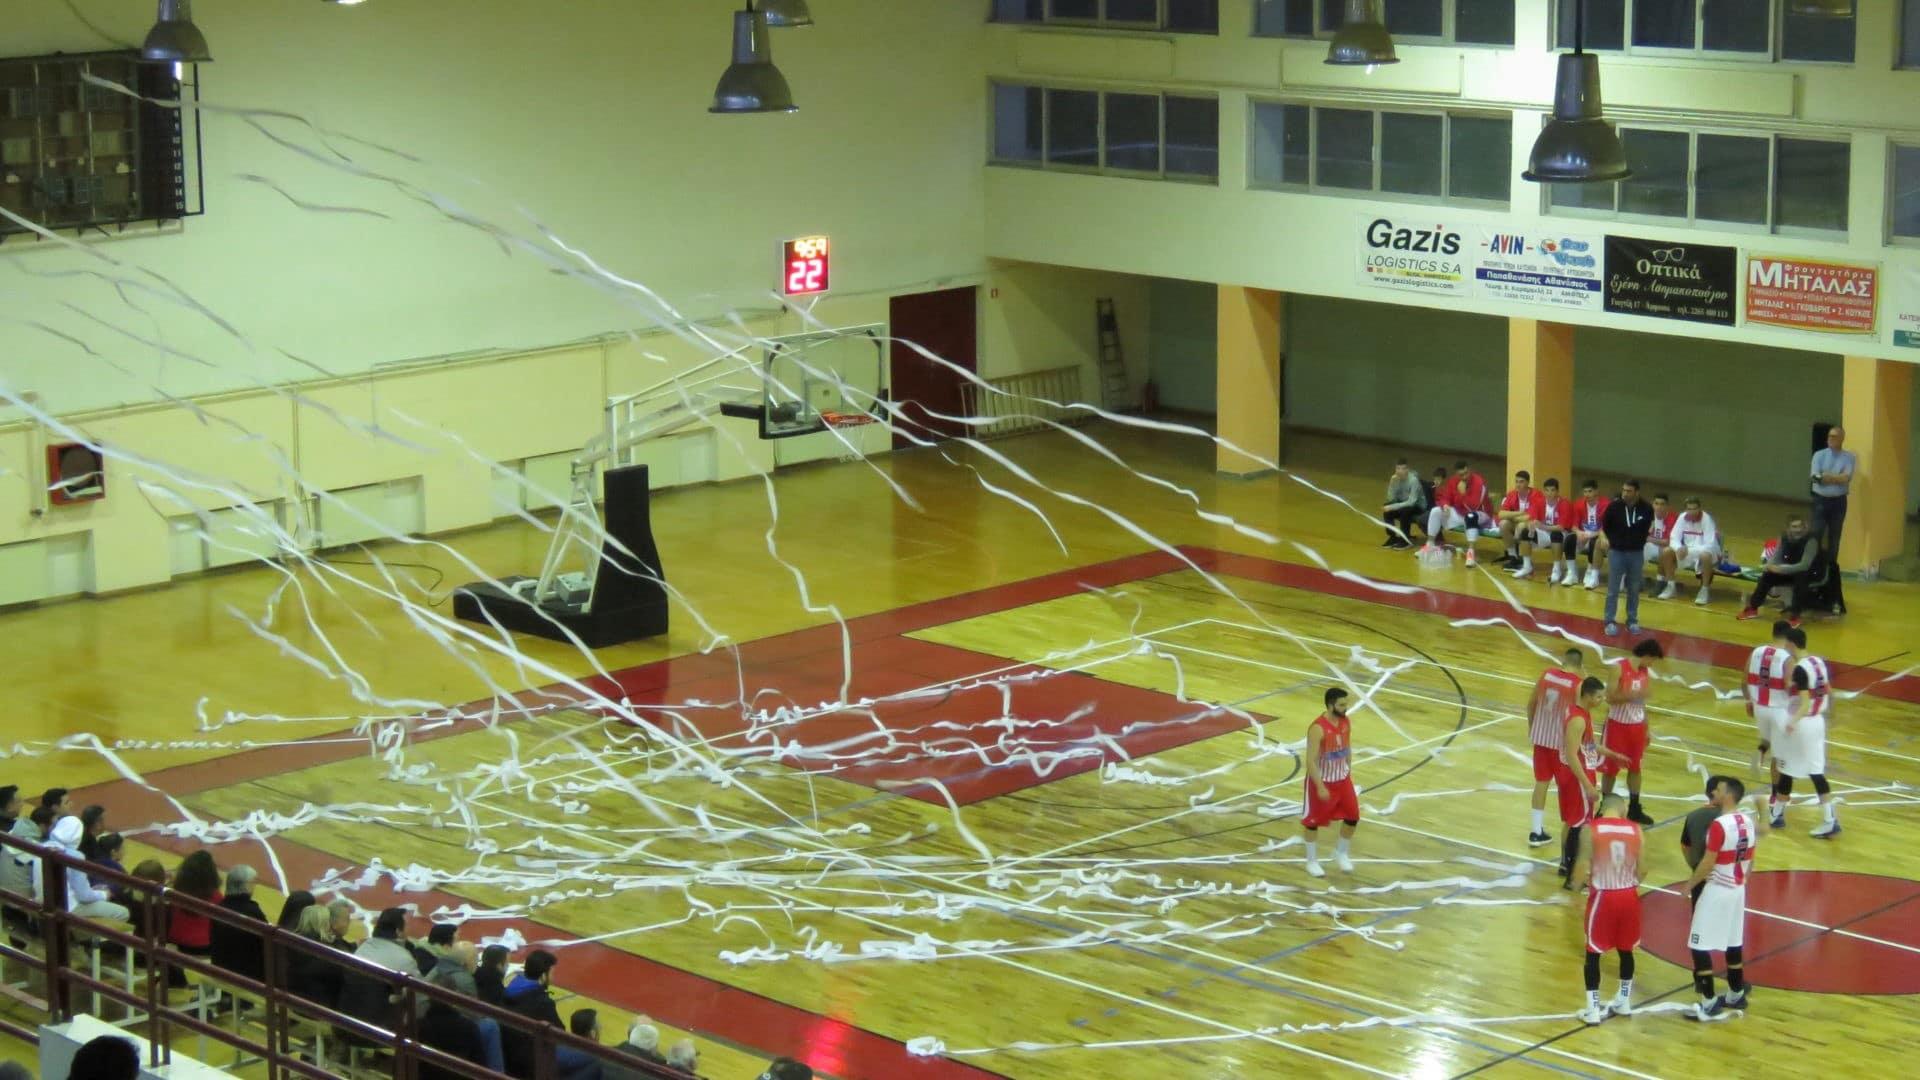 Μάκαρος Άμφισσας-Γ.Σ. Ιτέας 43-46 (ΦΩΤΟ- ΒΙΝΤΕΟ)  – Πρώτη νίκη του ΓΣ στην Άμφισσα από το 2008!